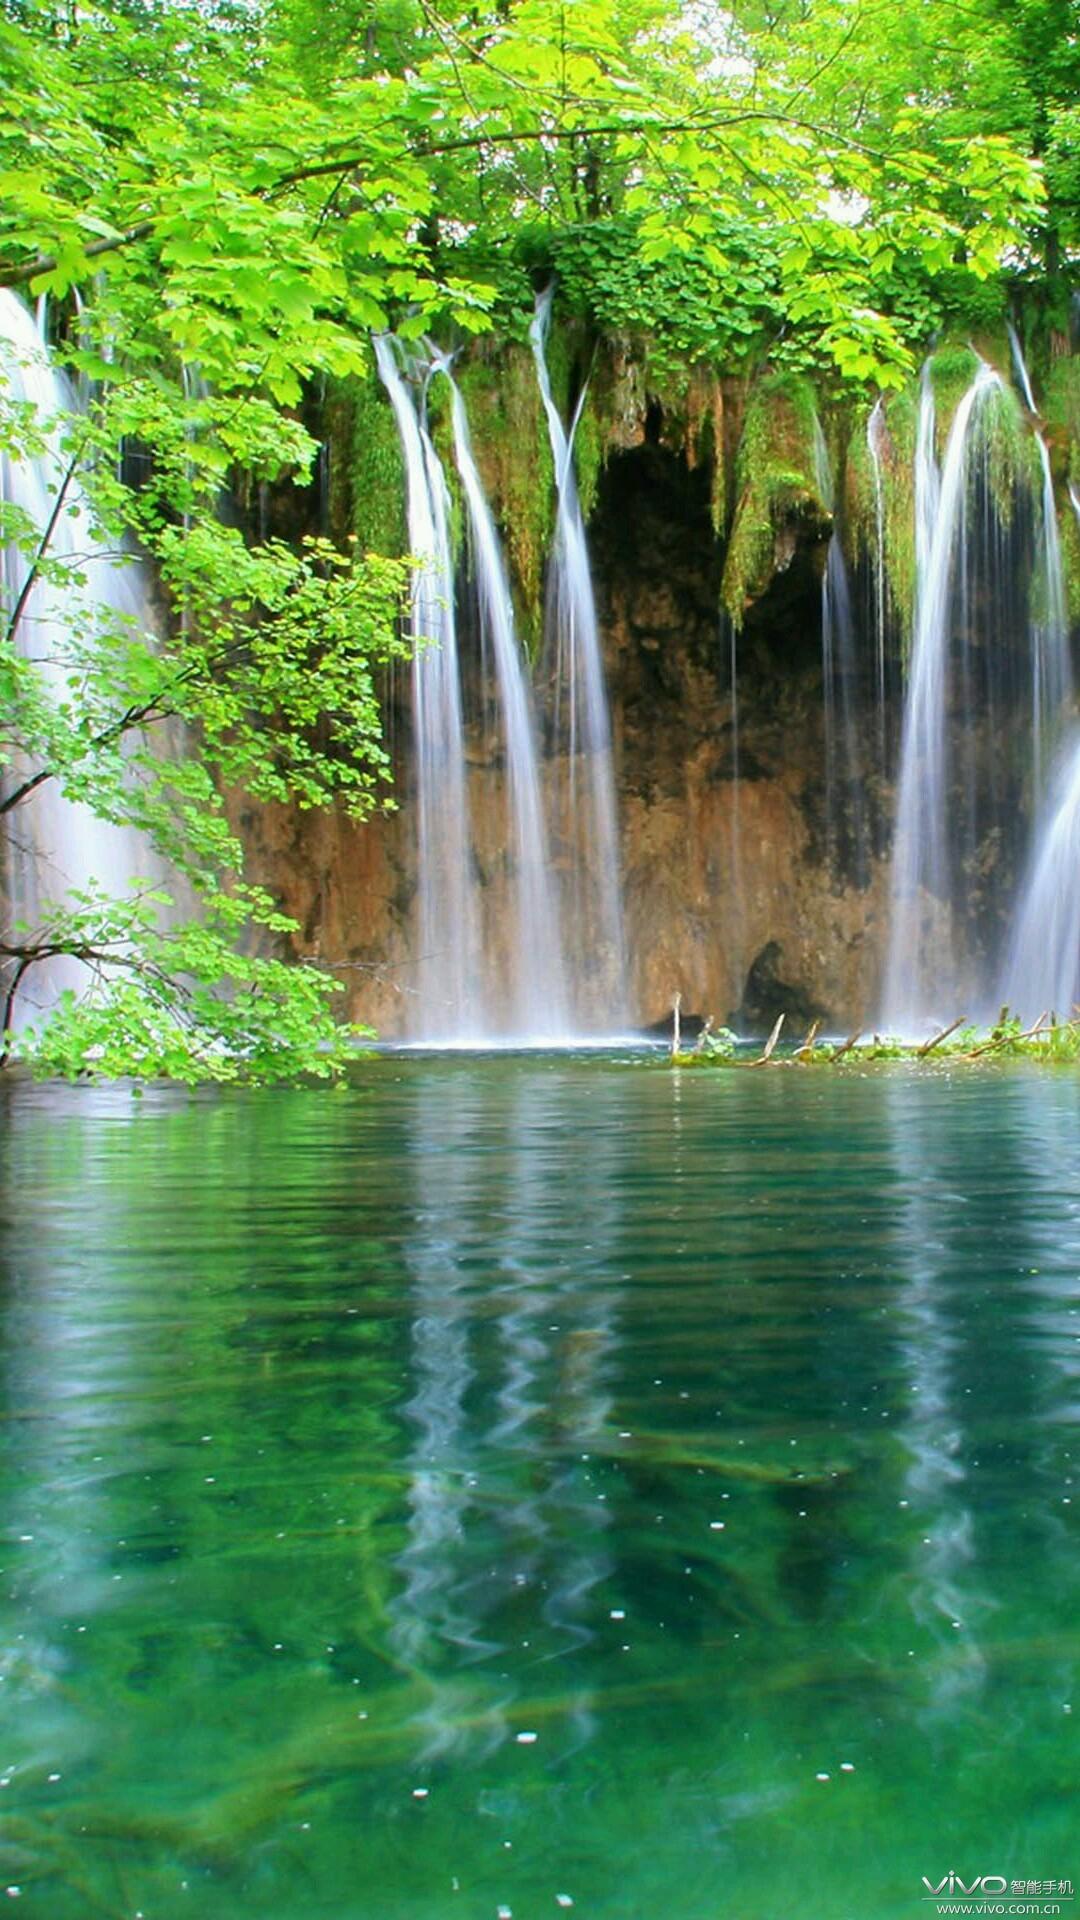 壁纸 风景 旅游 瀑布 山水 桌面 1080_1920 竖版 竖屏 手机-风景 旅游 图片